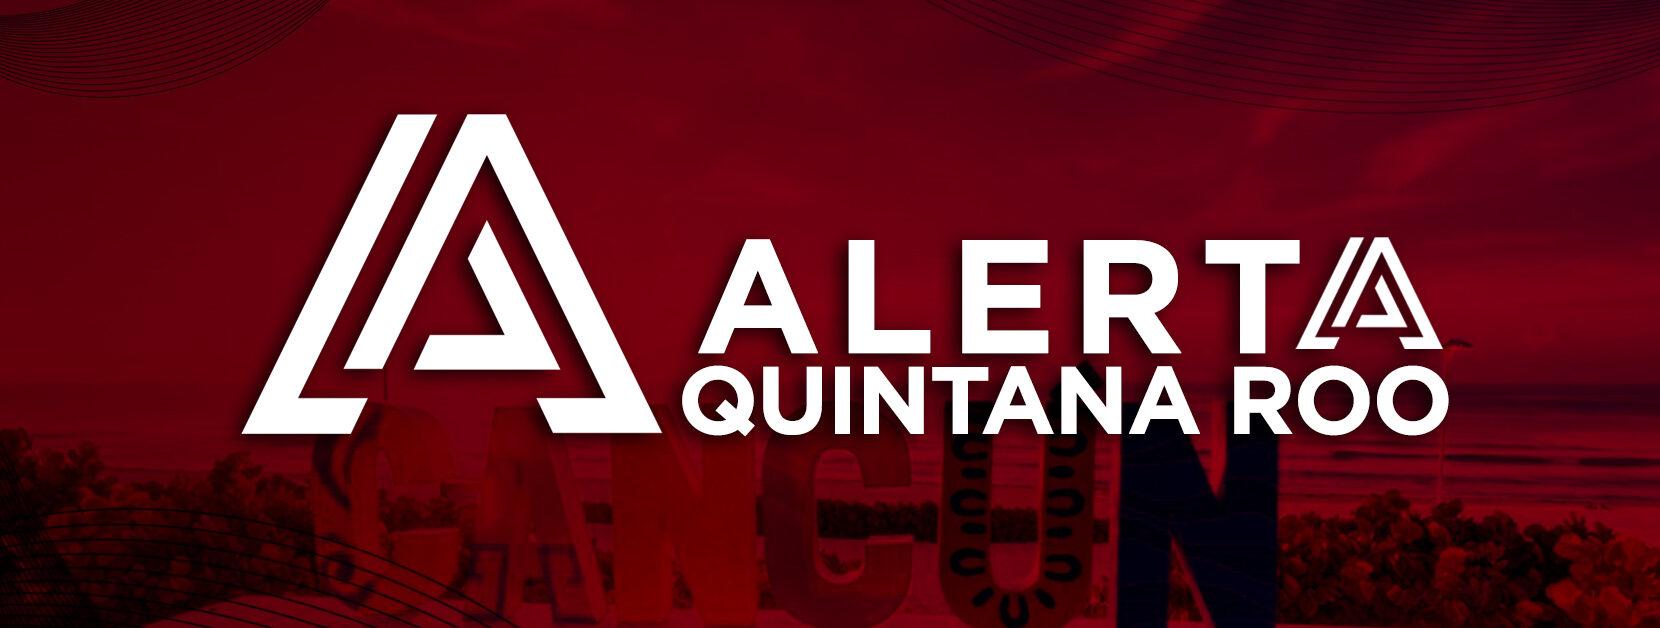 Alerta Quintana Roo